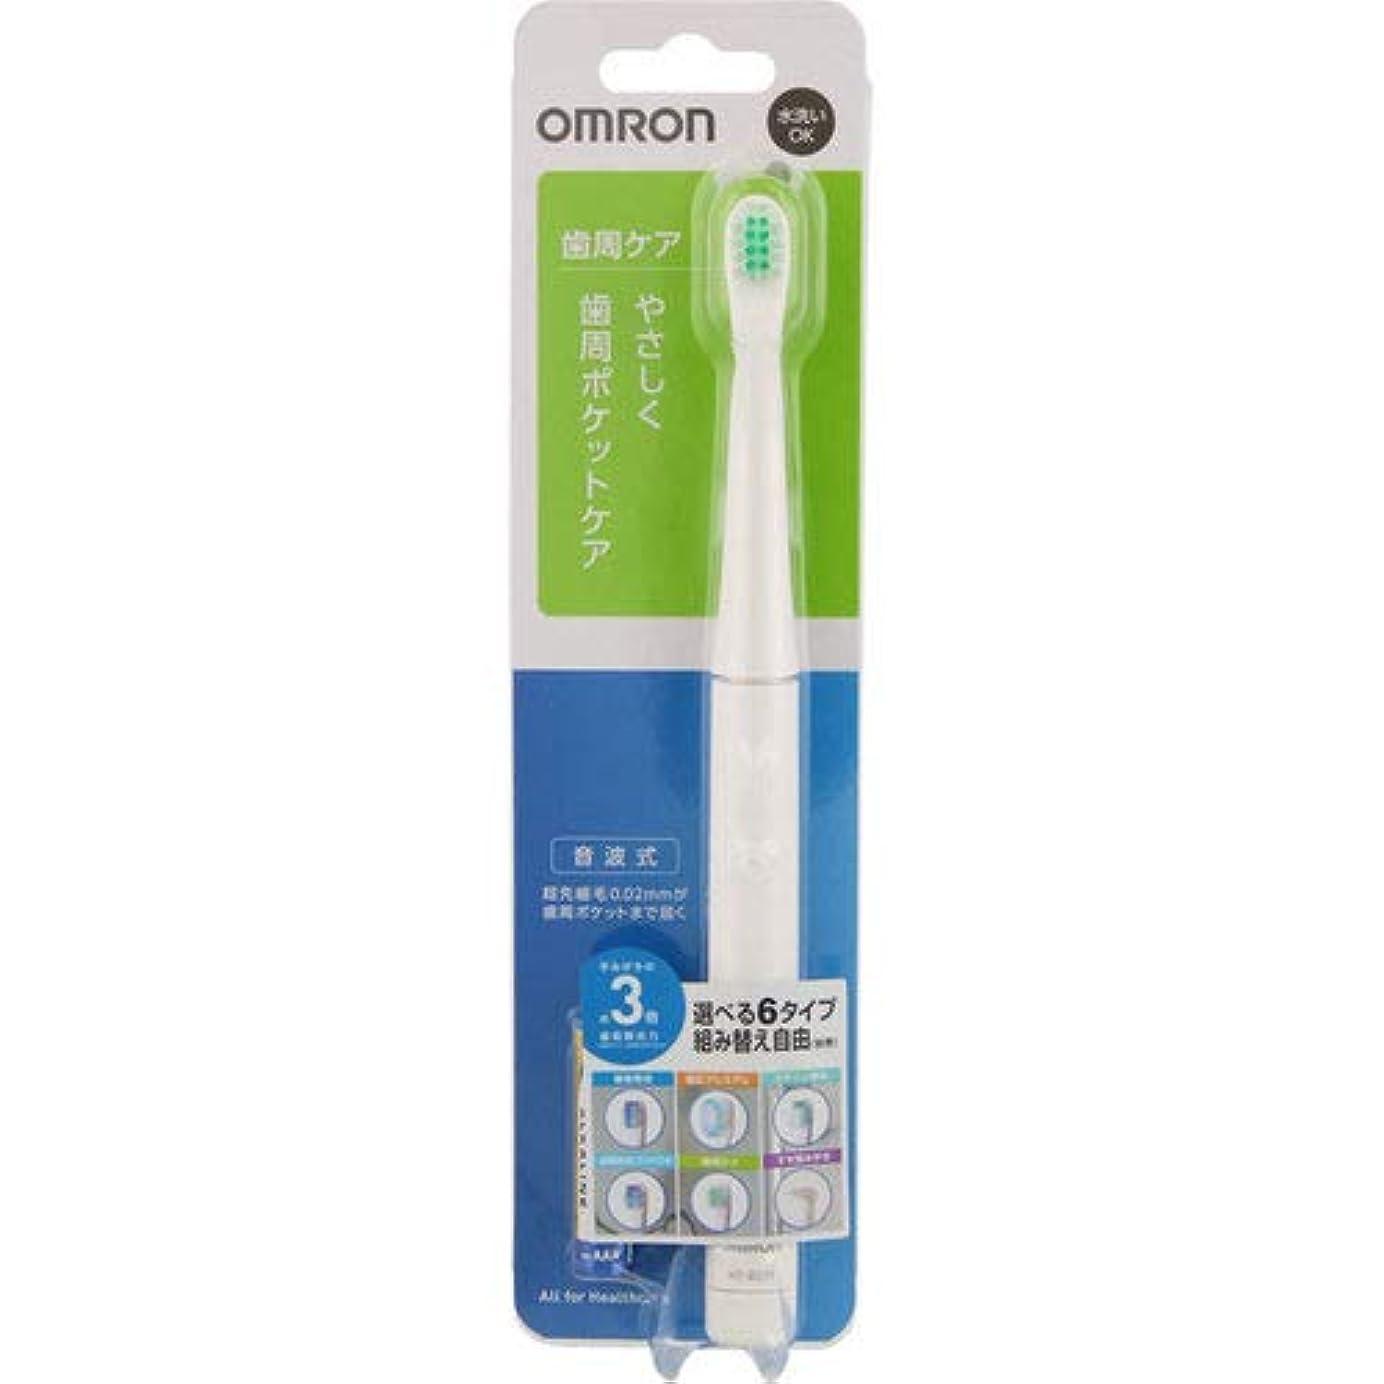 接続最小どれオムロン 電動歯ブラシ HT-B221-W ホワイト 電池式